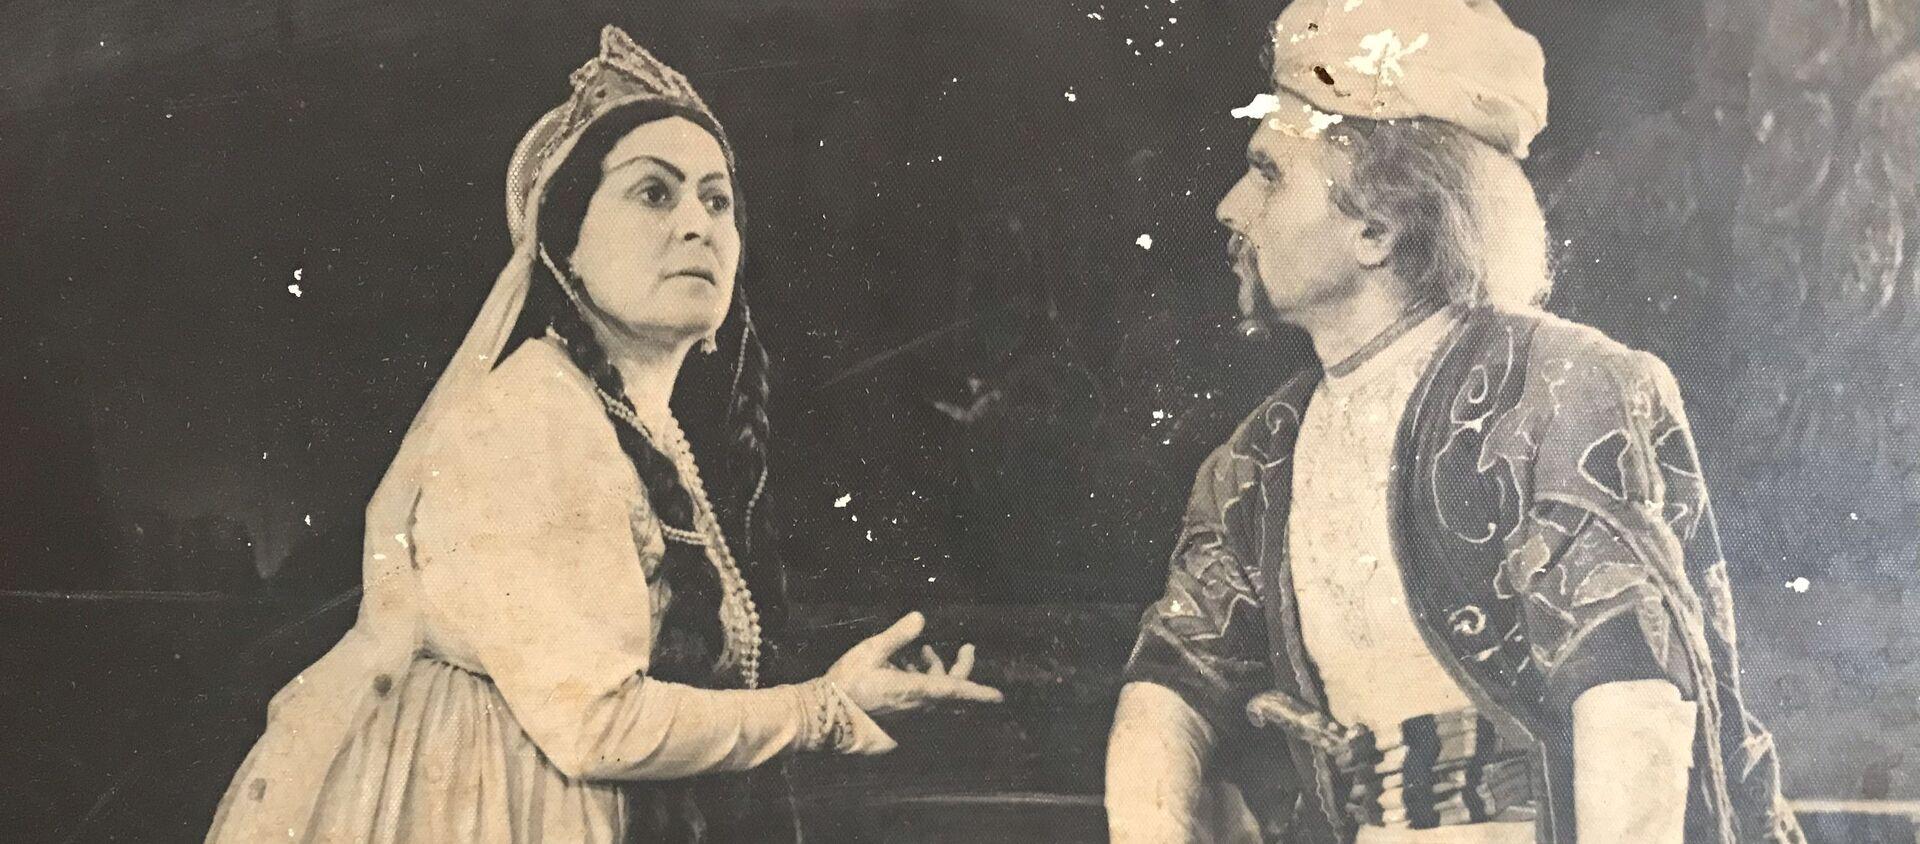 Минодора Зухба - Sputnik Абхазия, 1920, 30.09.2019